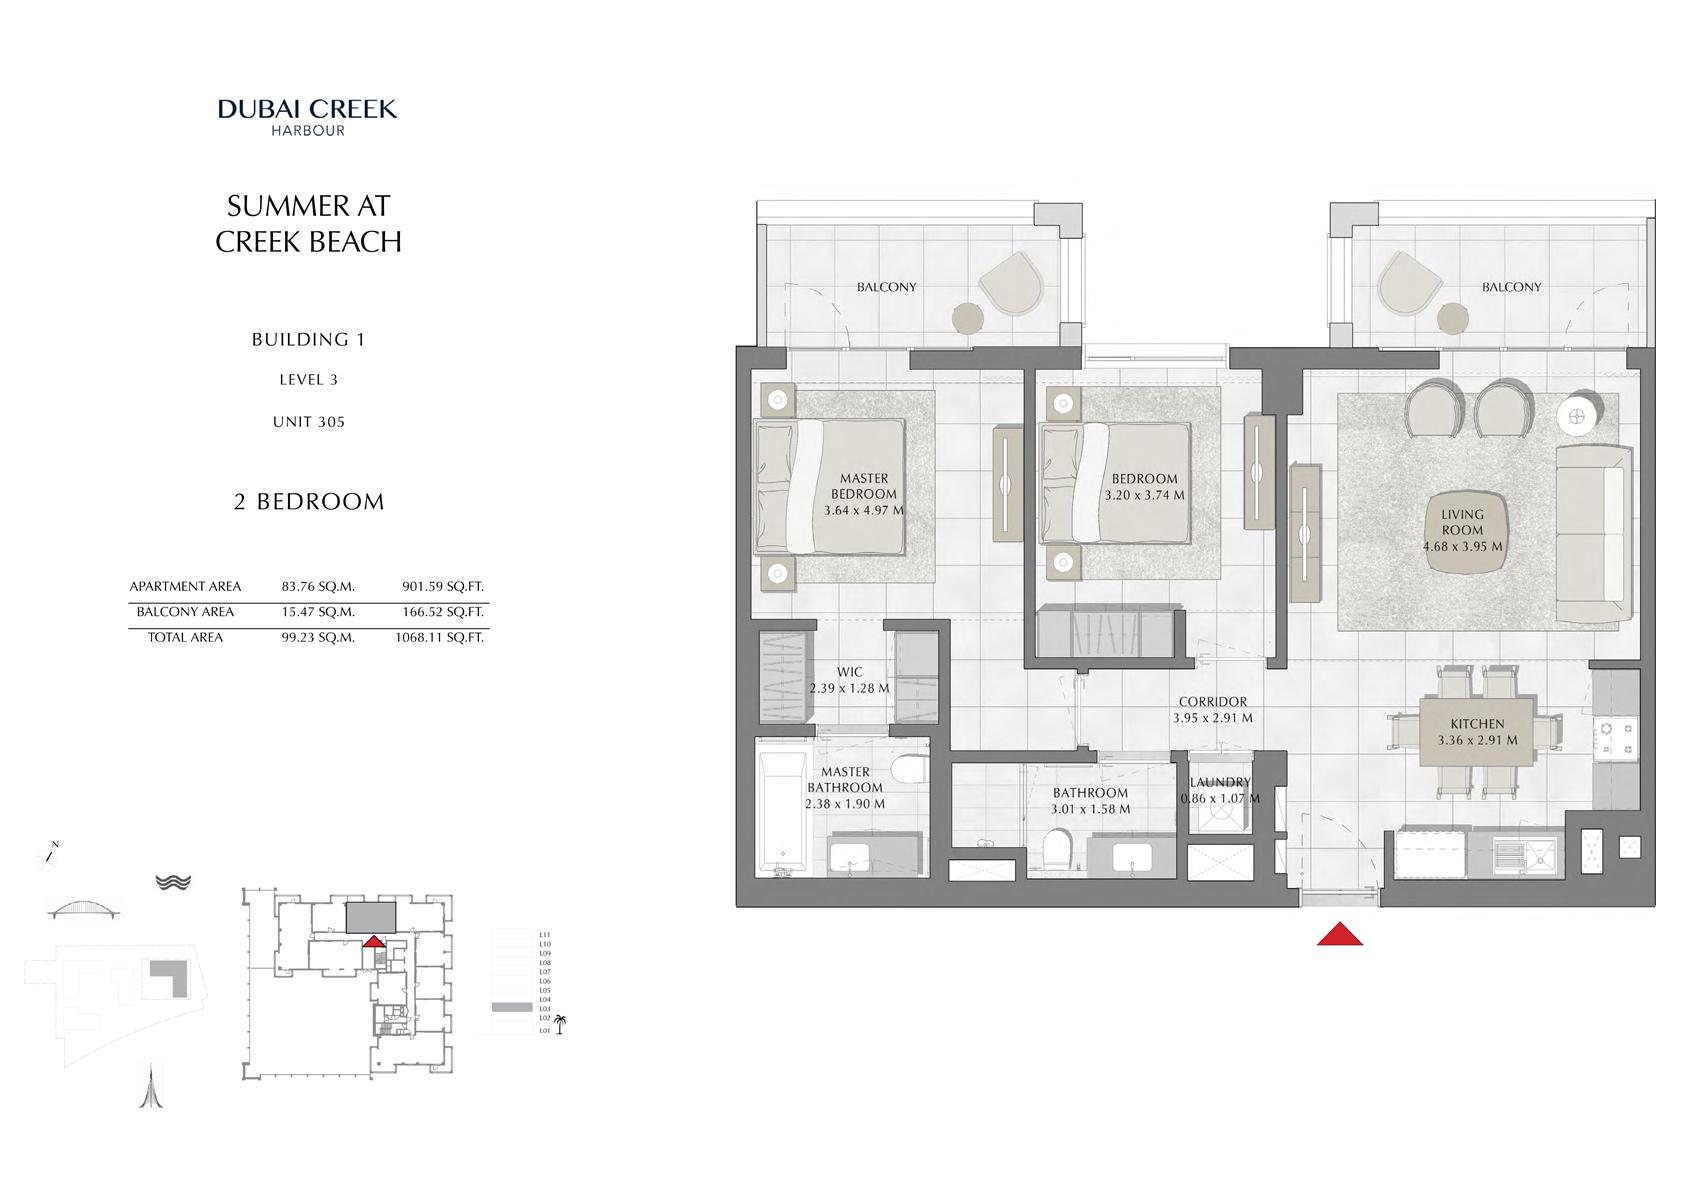 2 Br Building 1 Level 3 Unit 305, Size 1068 Sq Ft